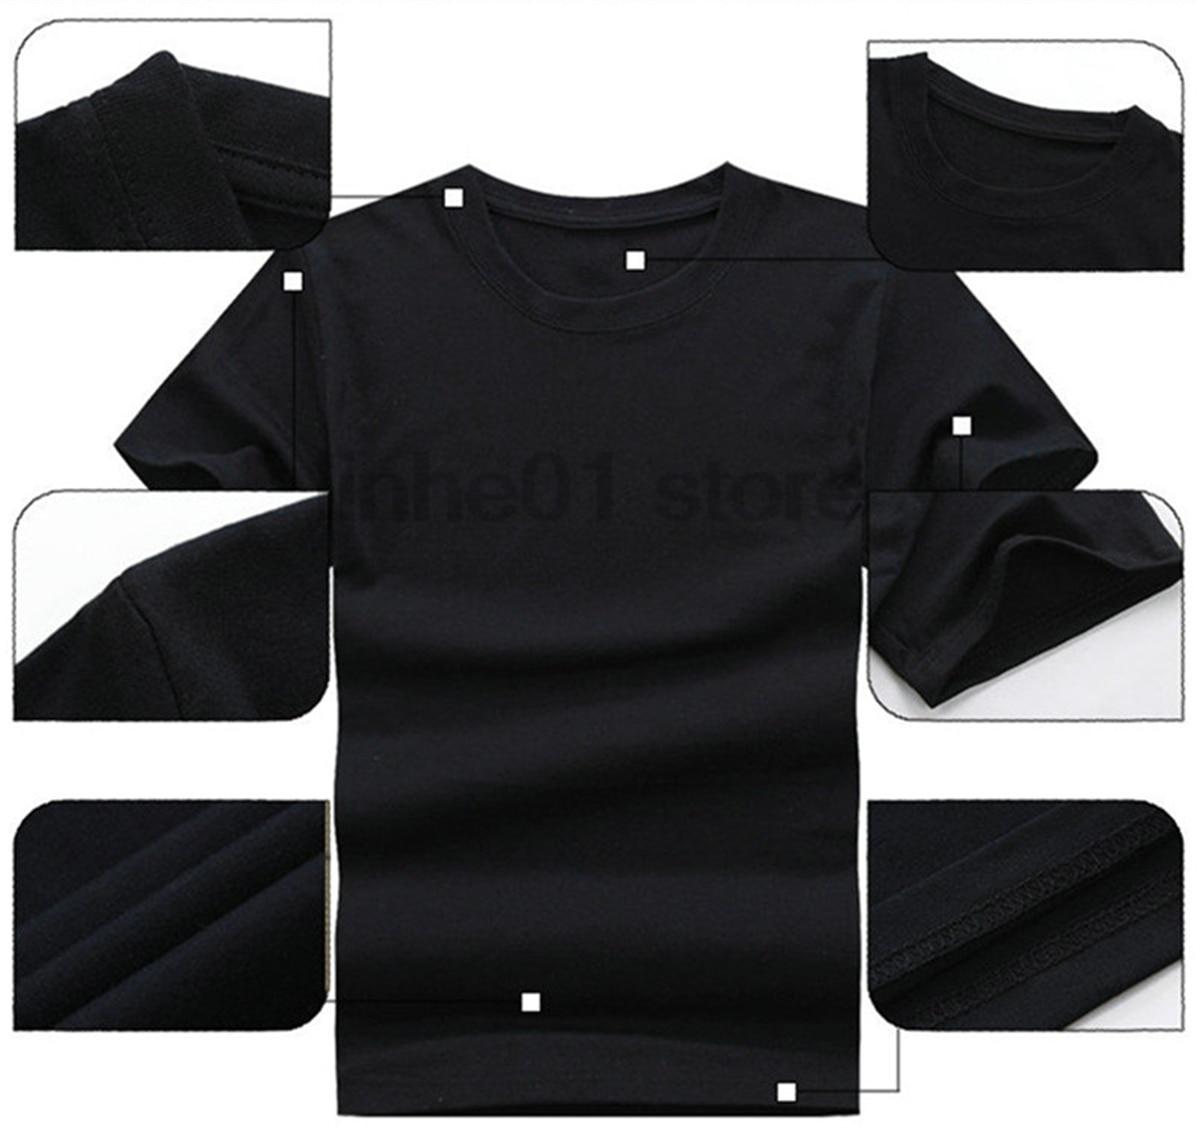 GILDAN Christian T-Shirt Adoption Made Me a Mom Christian Tee Gift Hot Womens T-shirt summer dress T-shirt